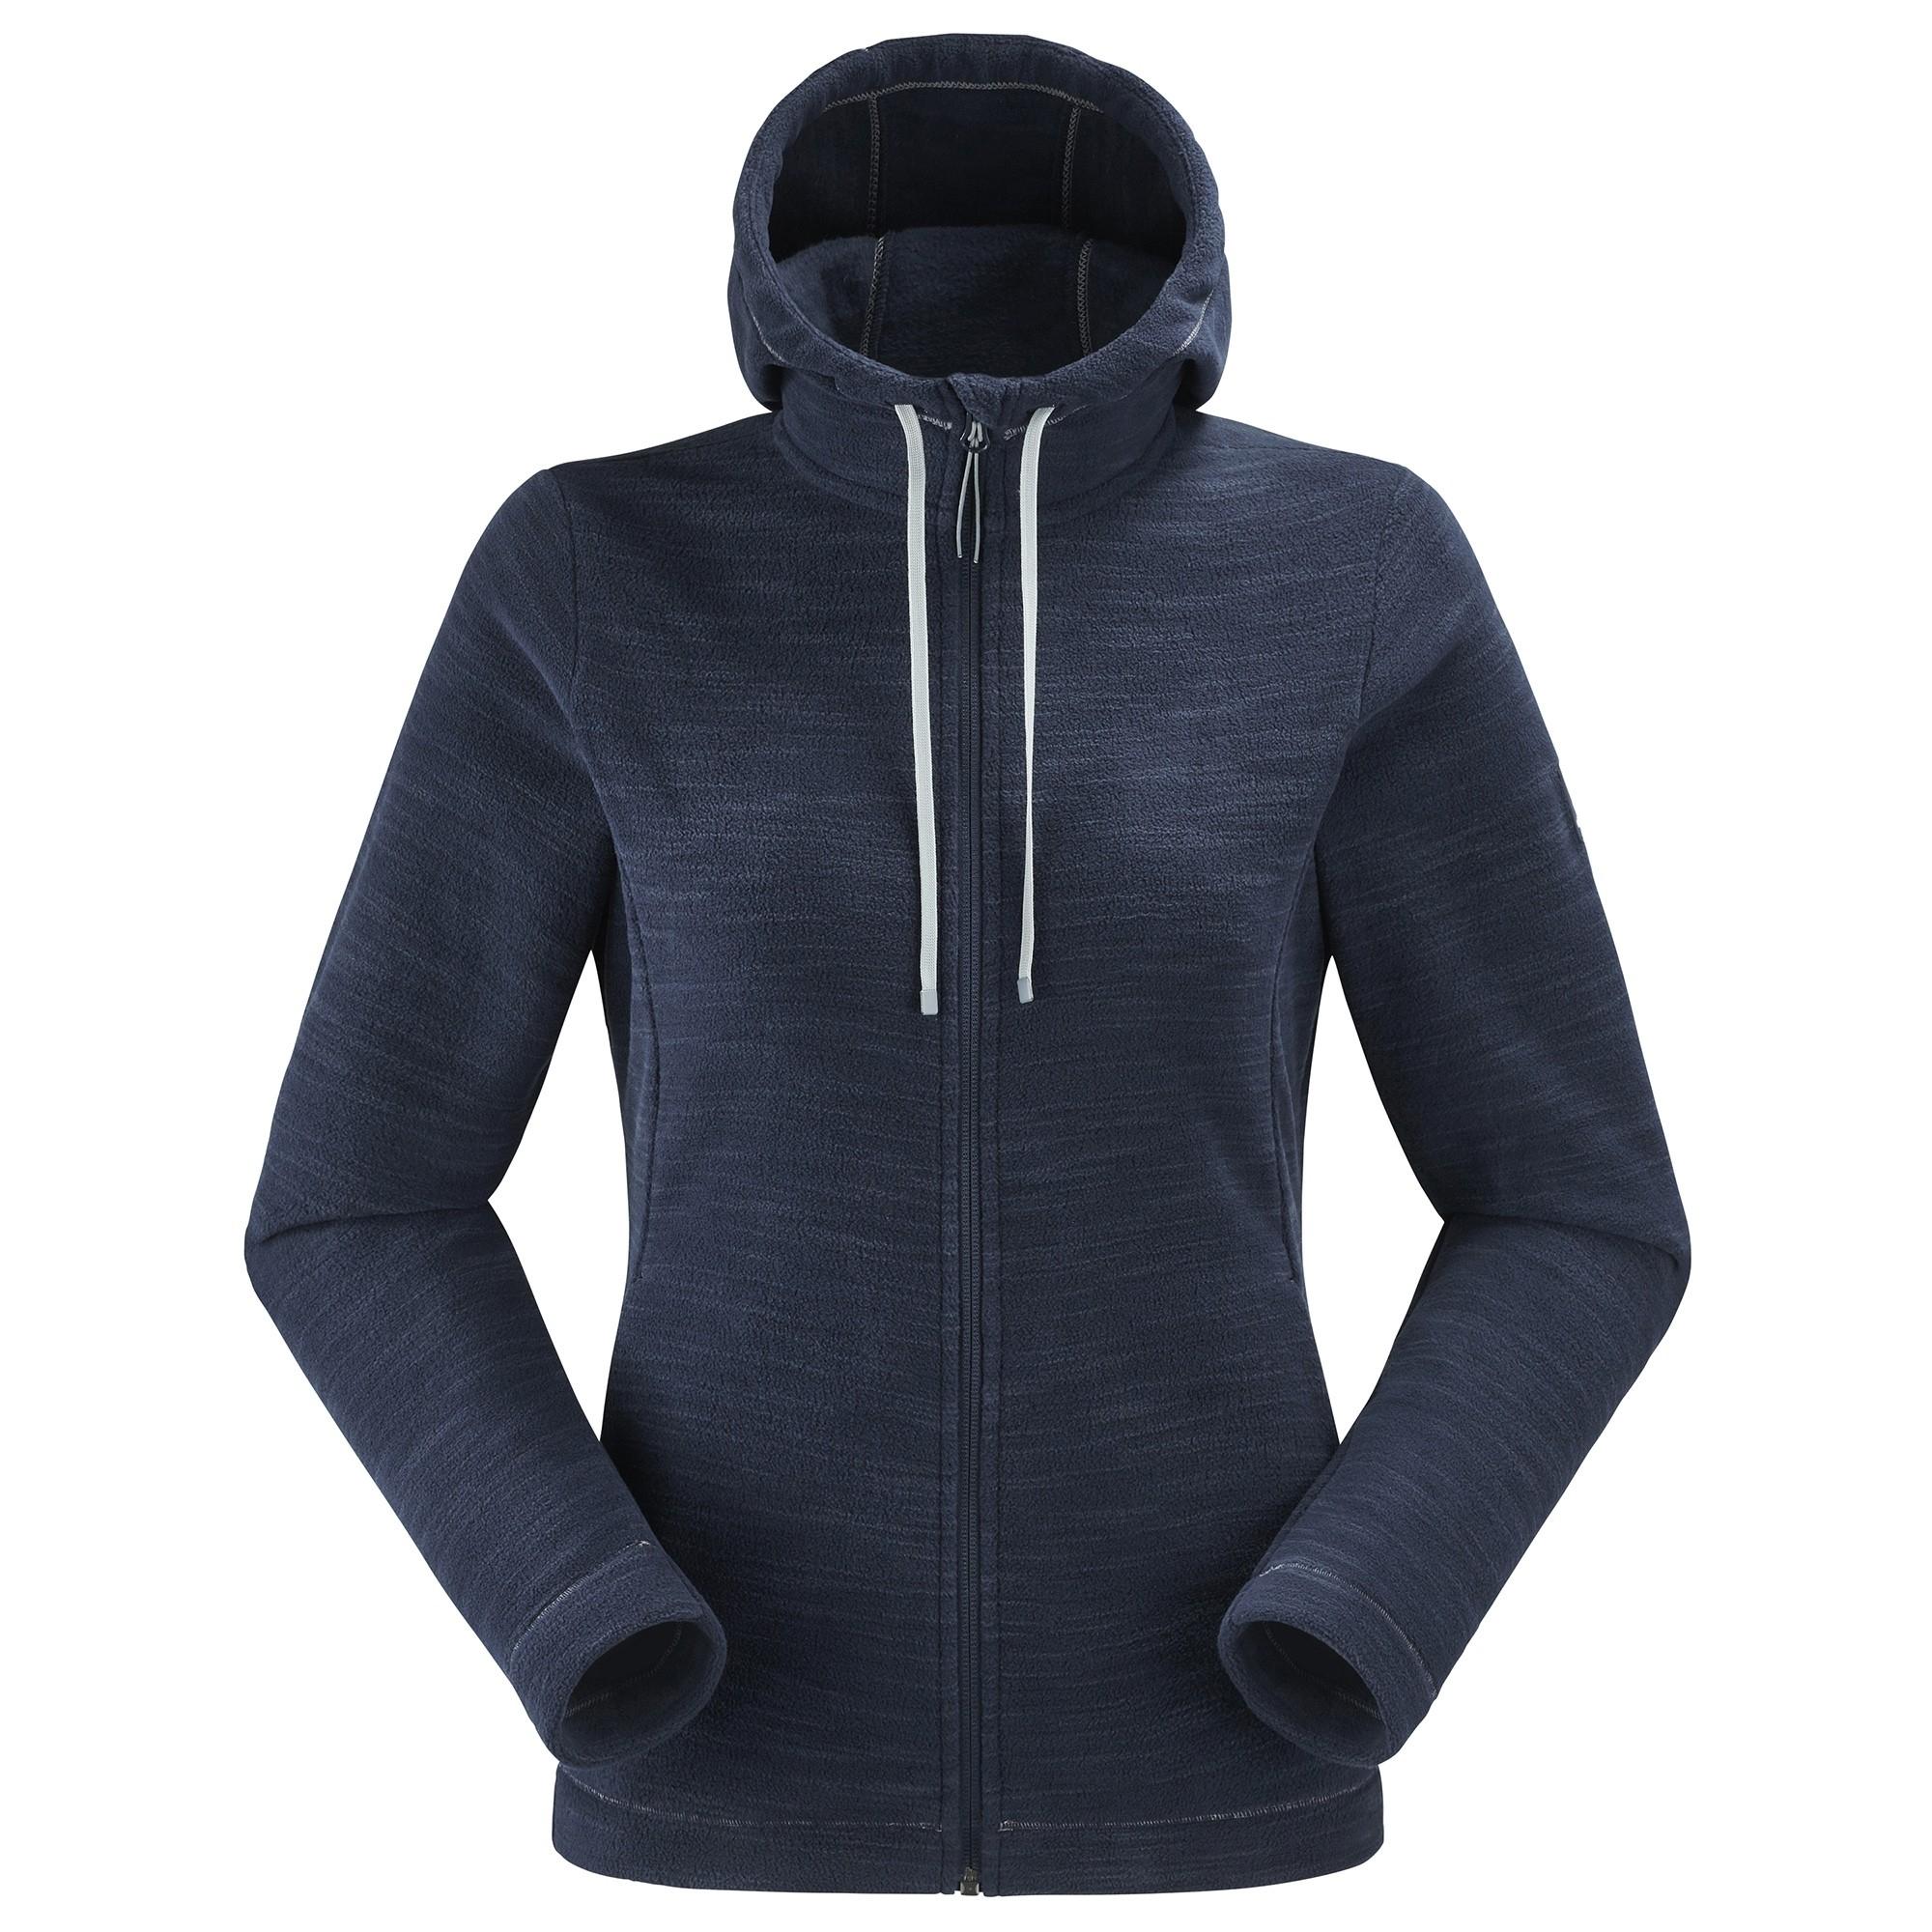 Sweatshirt zip Doucy Hoodie W pour Femme - Plusieurs coloris